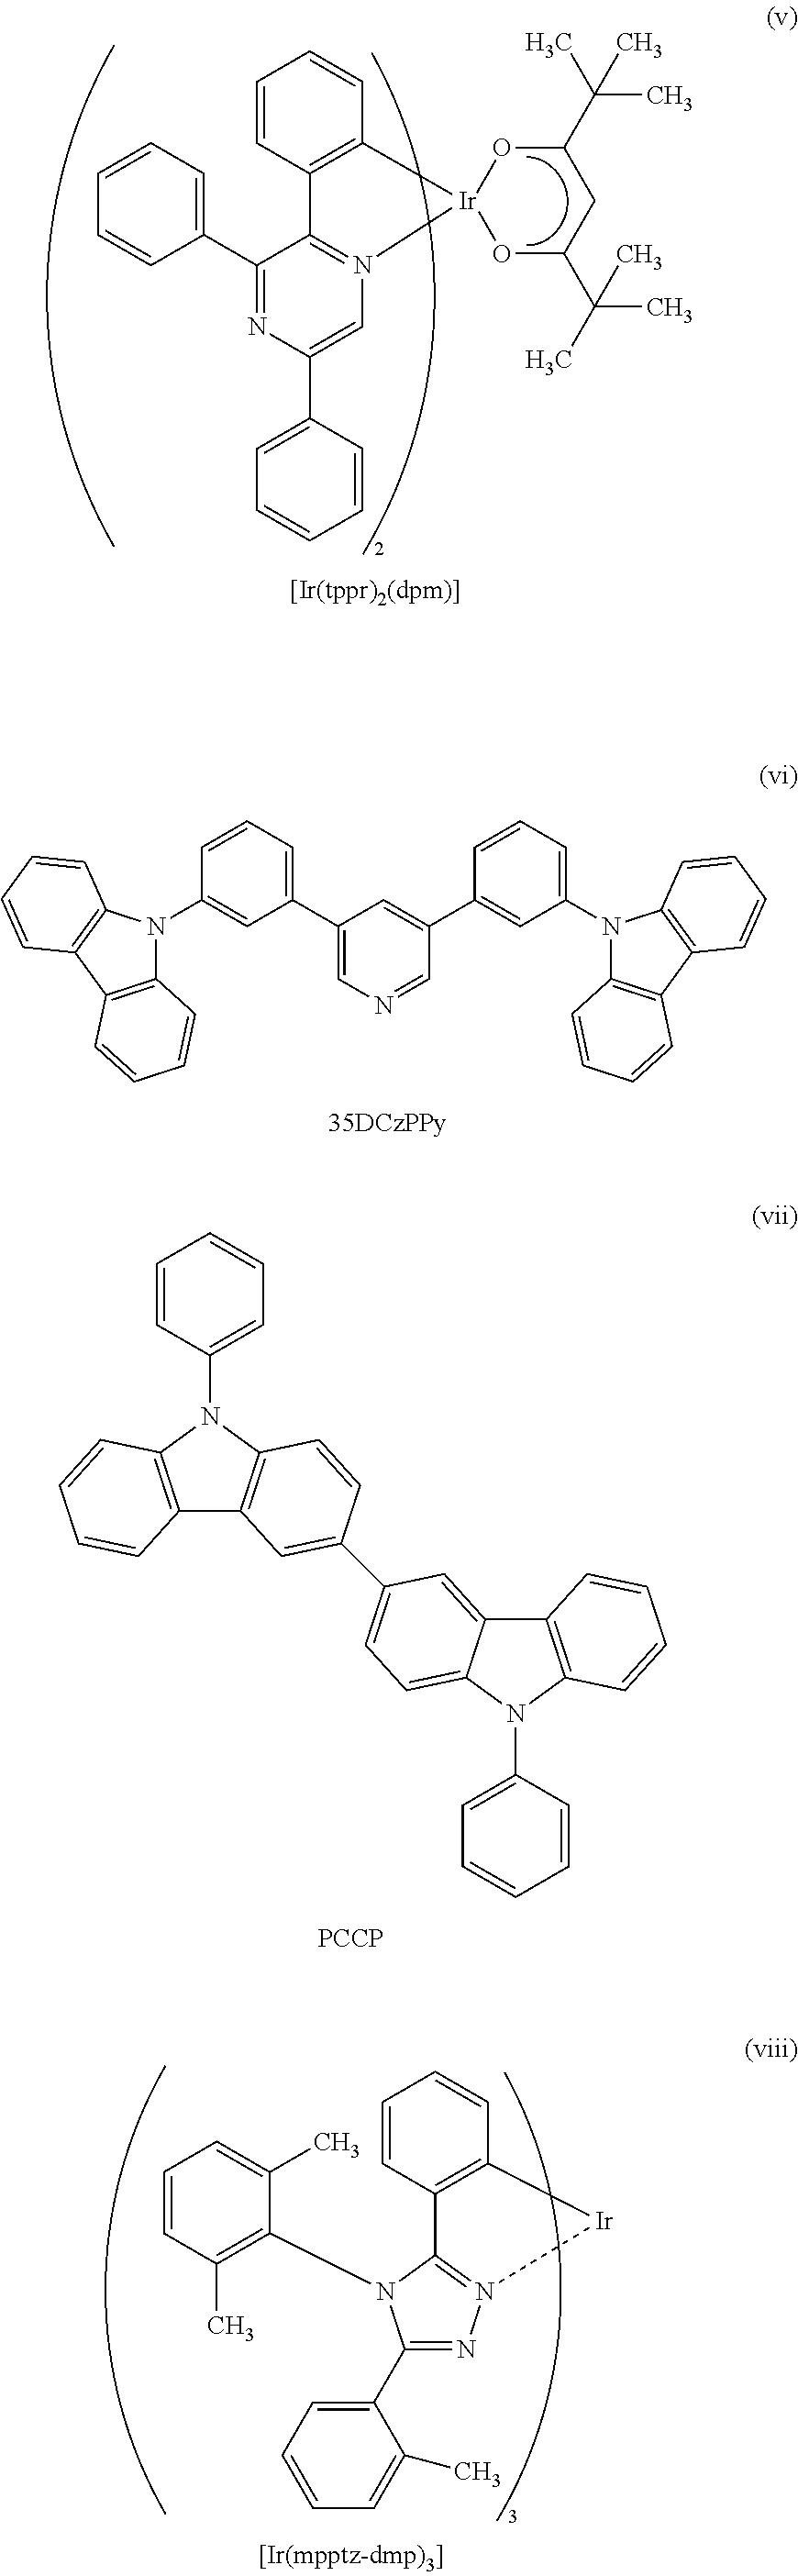 Figure US10121984-20181106-C00005